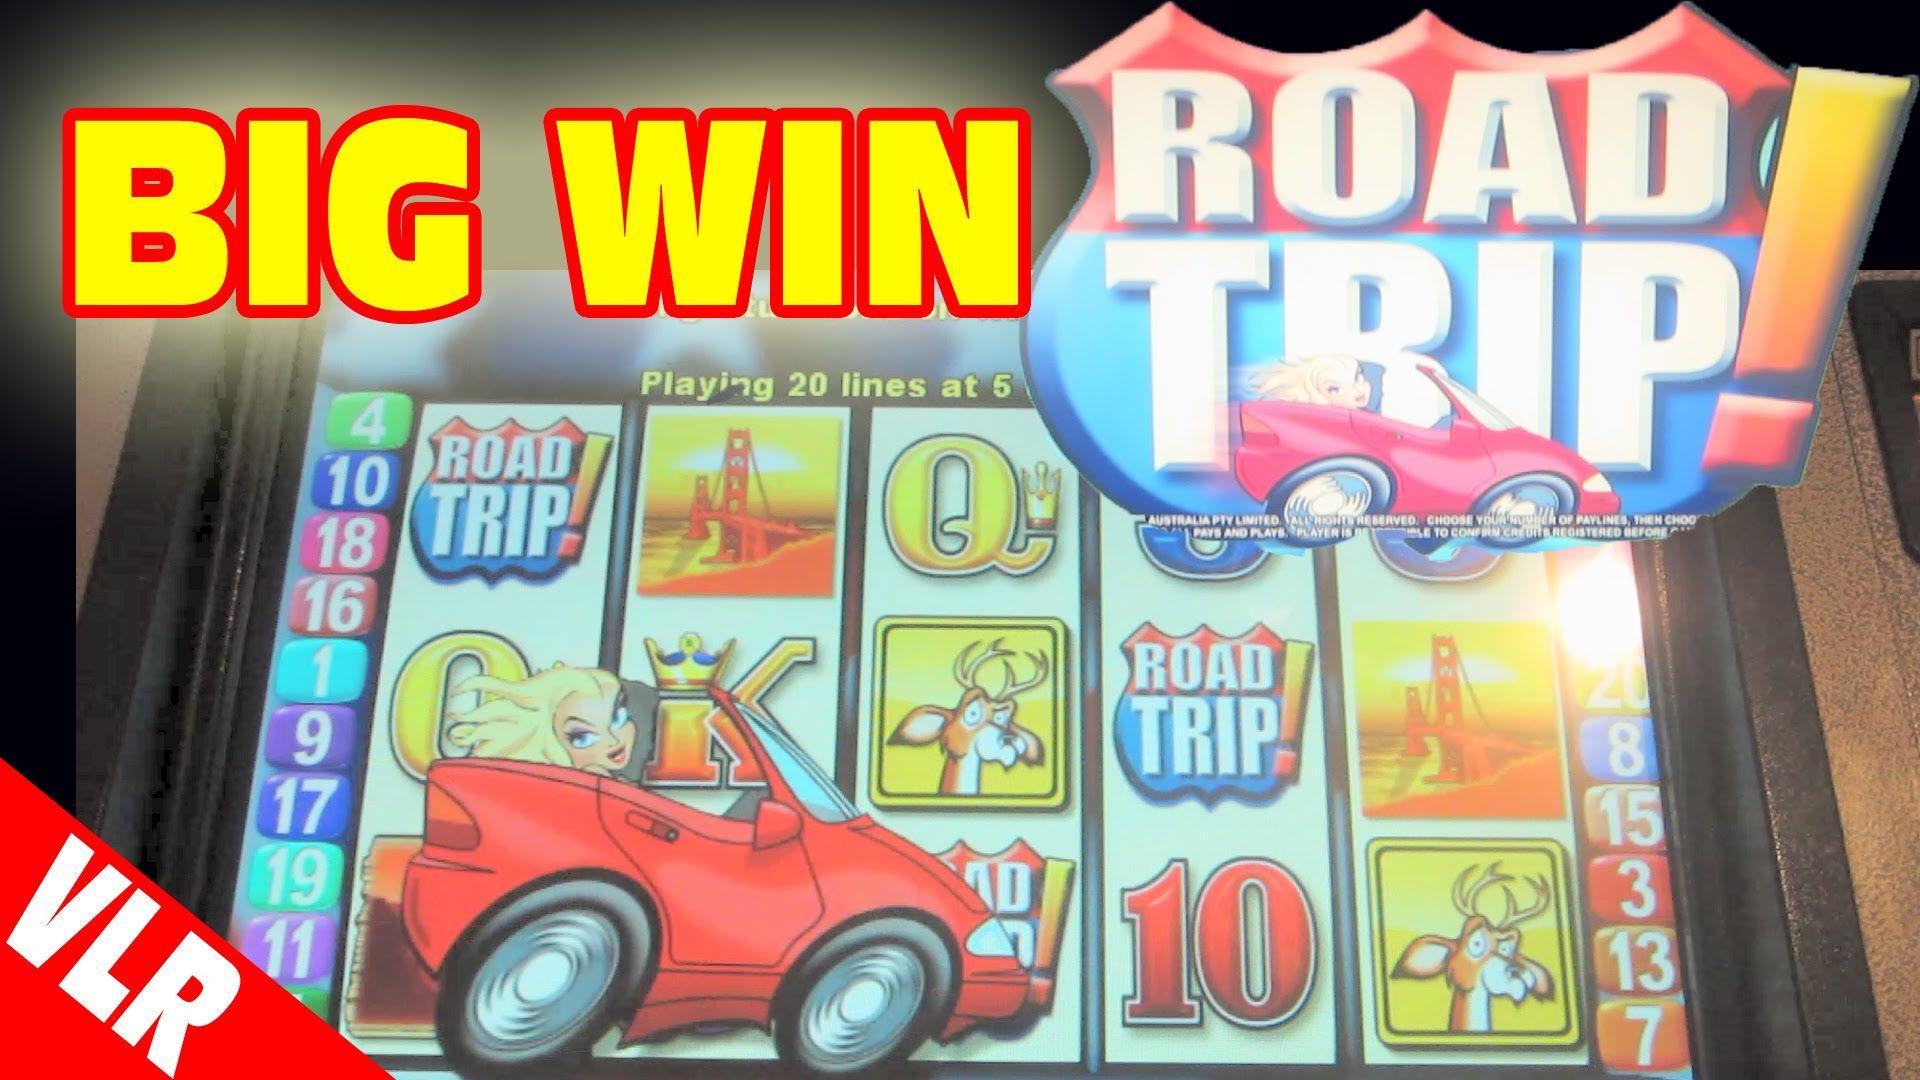 Big Win -53414